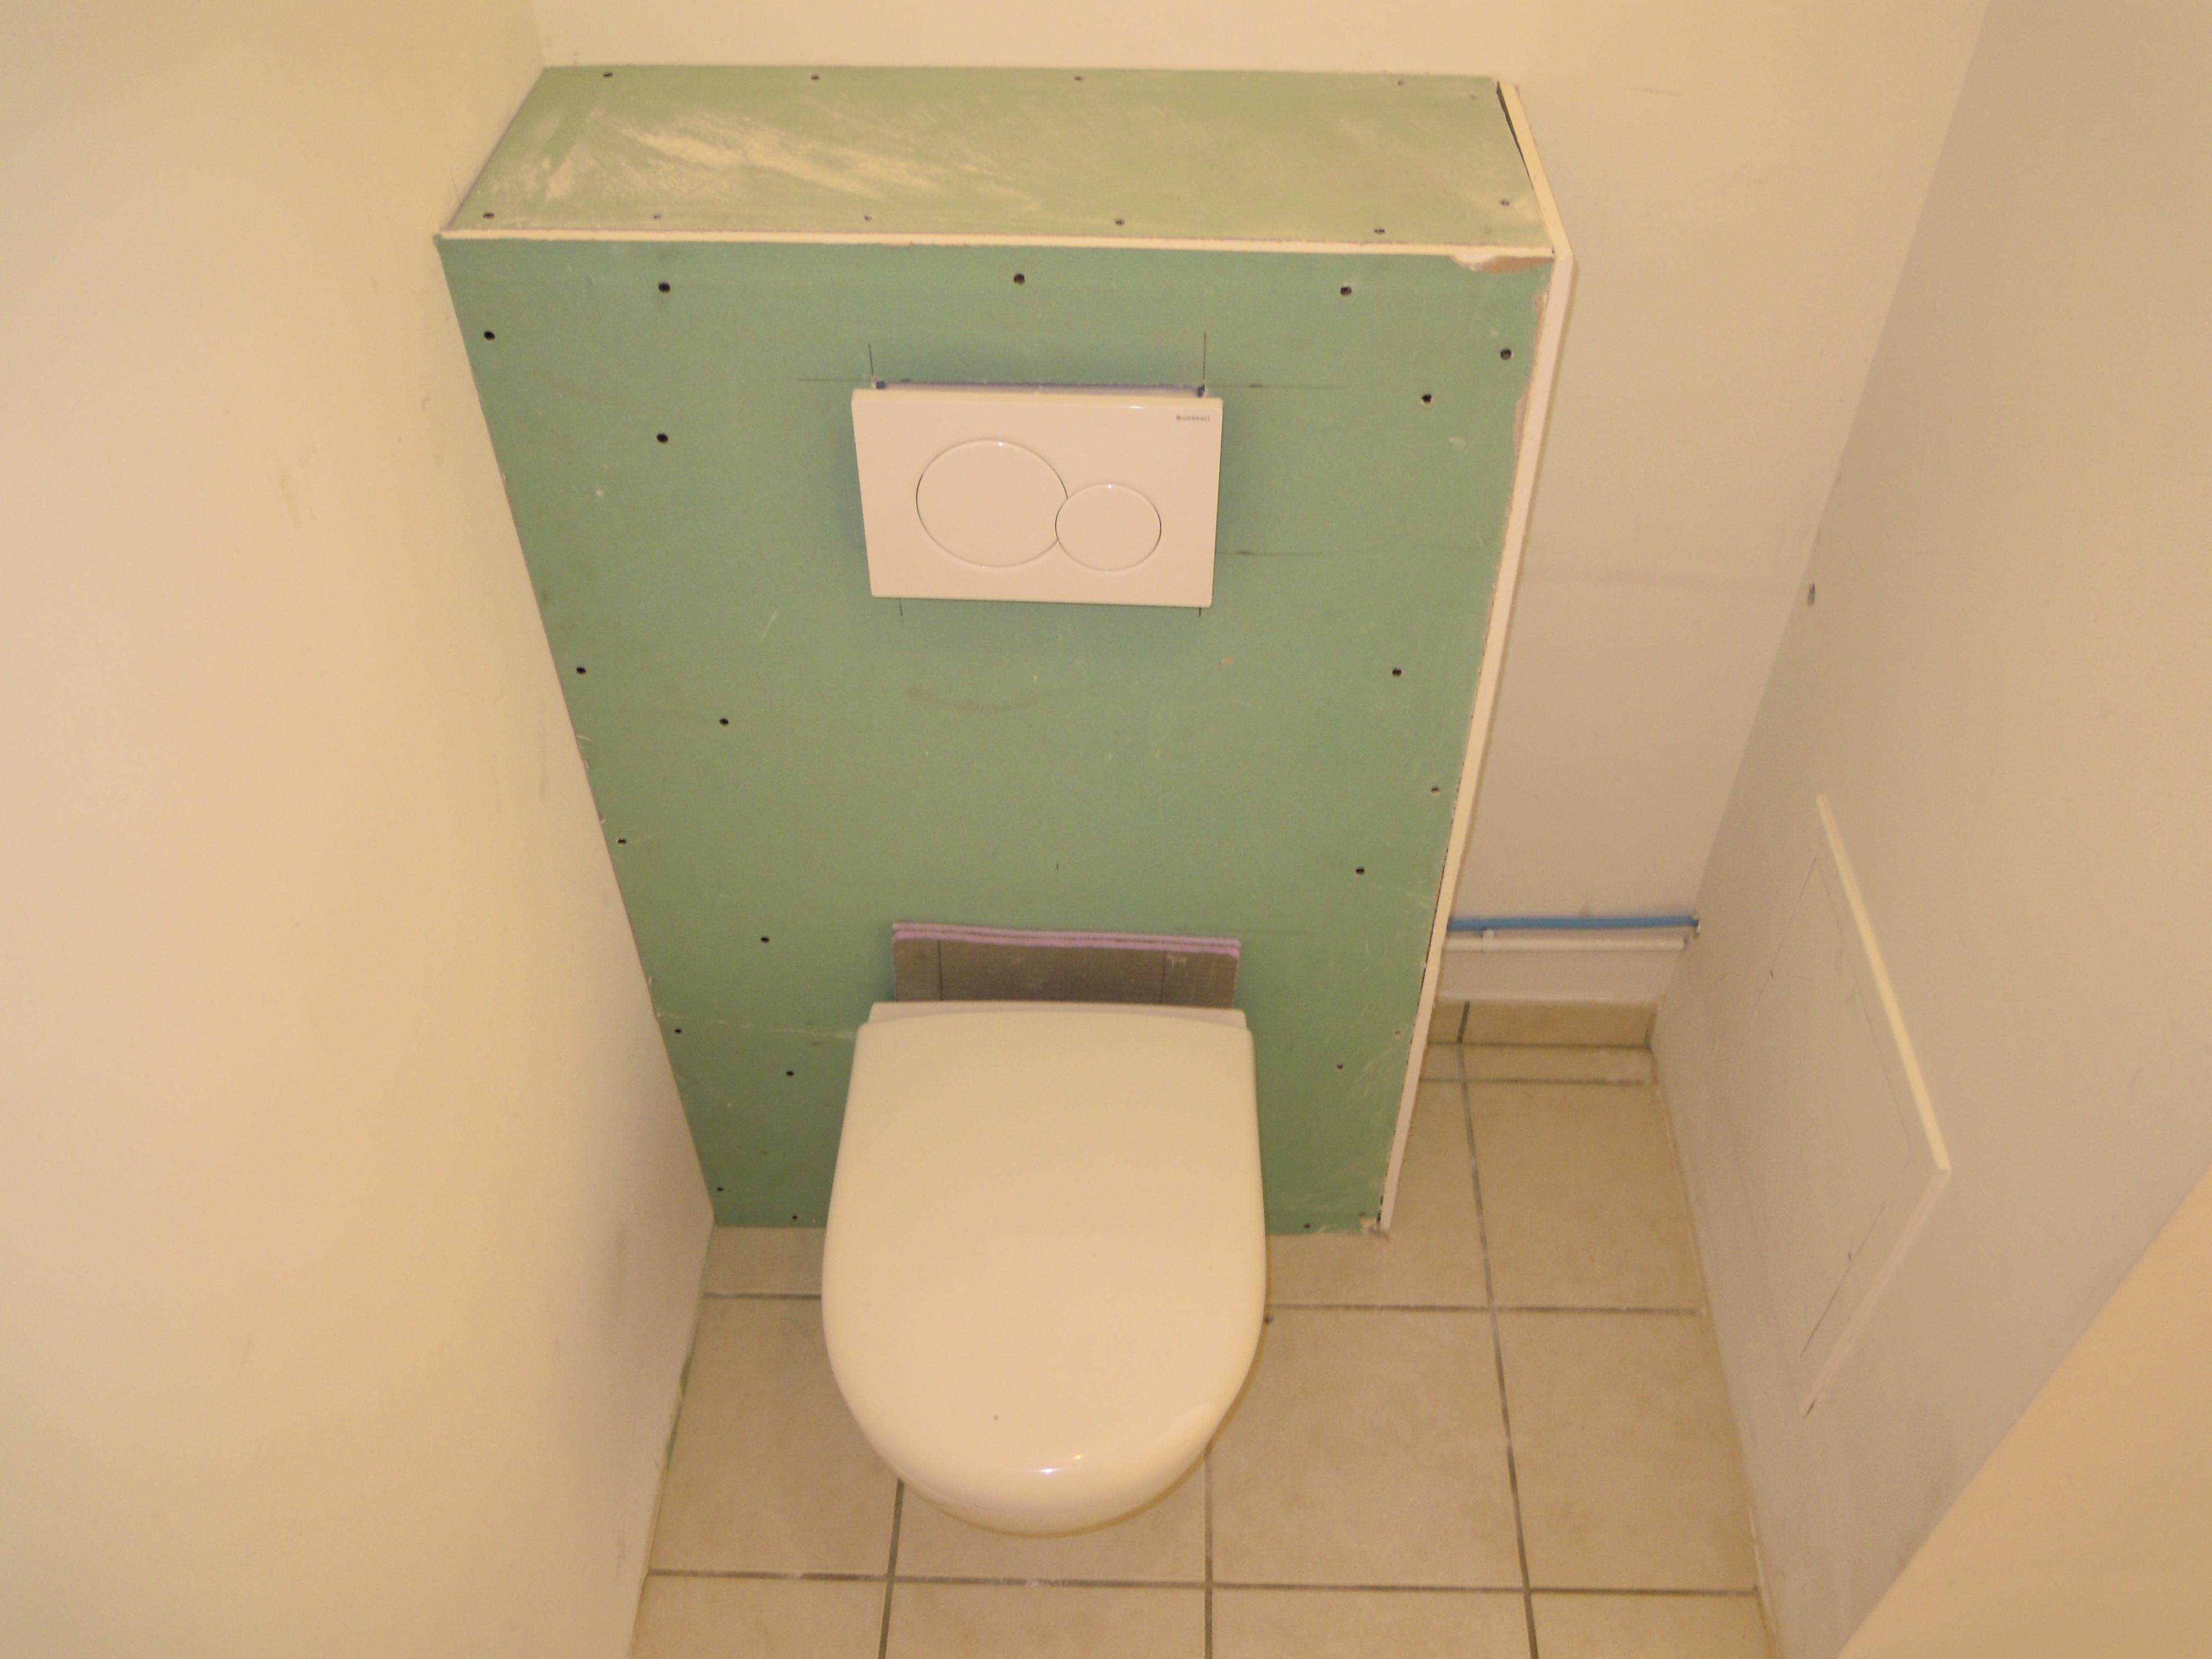 Coffrage Wc Suspendu Avec Rangement remplacement wc traditionnel par wc suspendu – poitel